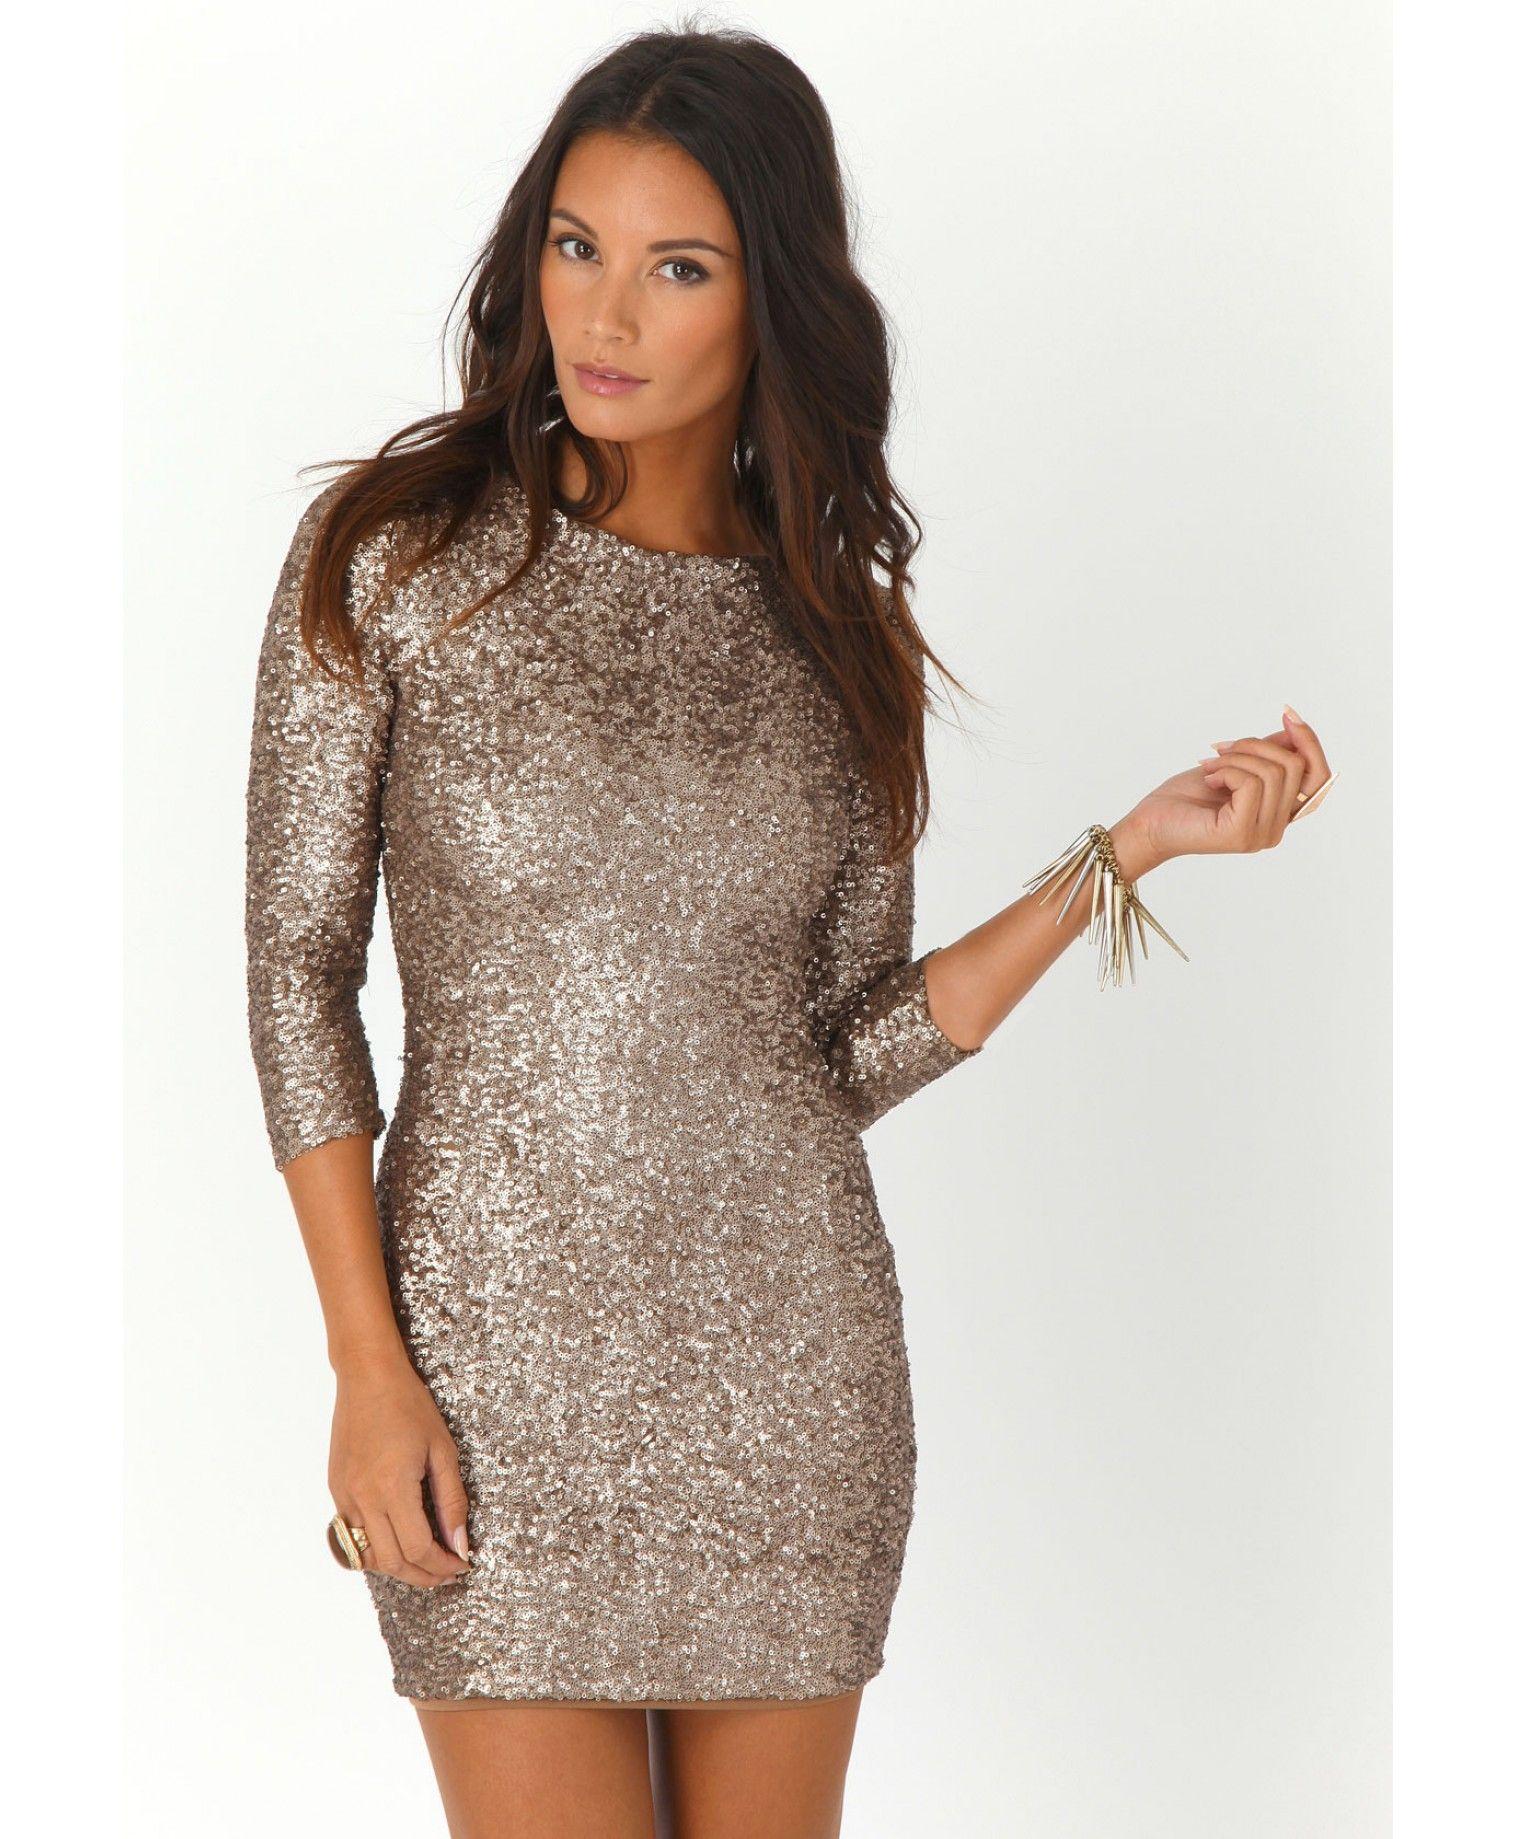 Gold Dress #2dayslook #jamesfaith712 #GoldDress www.2dayslook.com ...